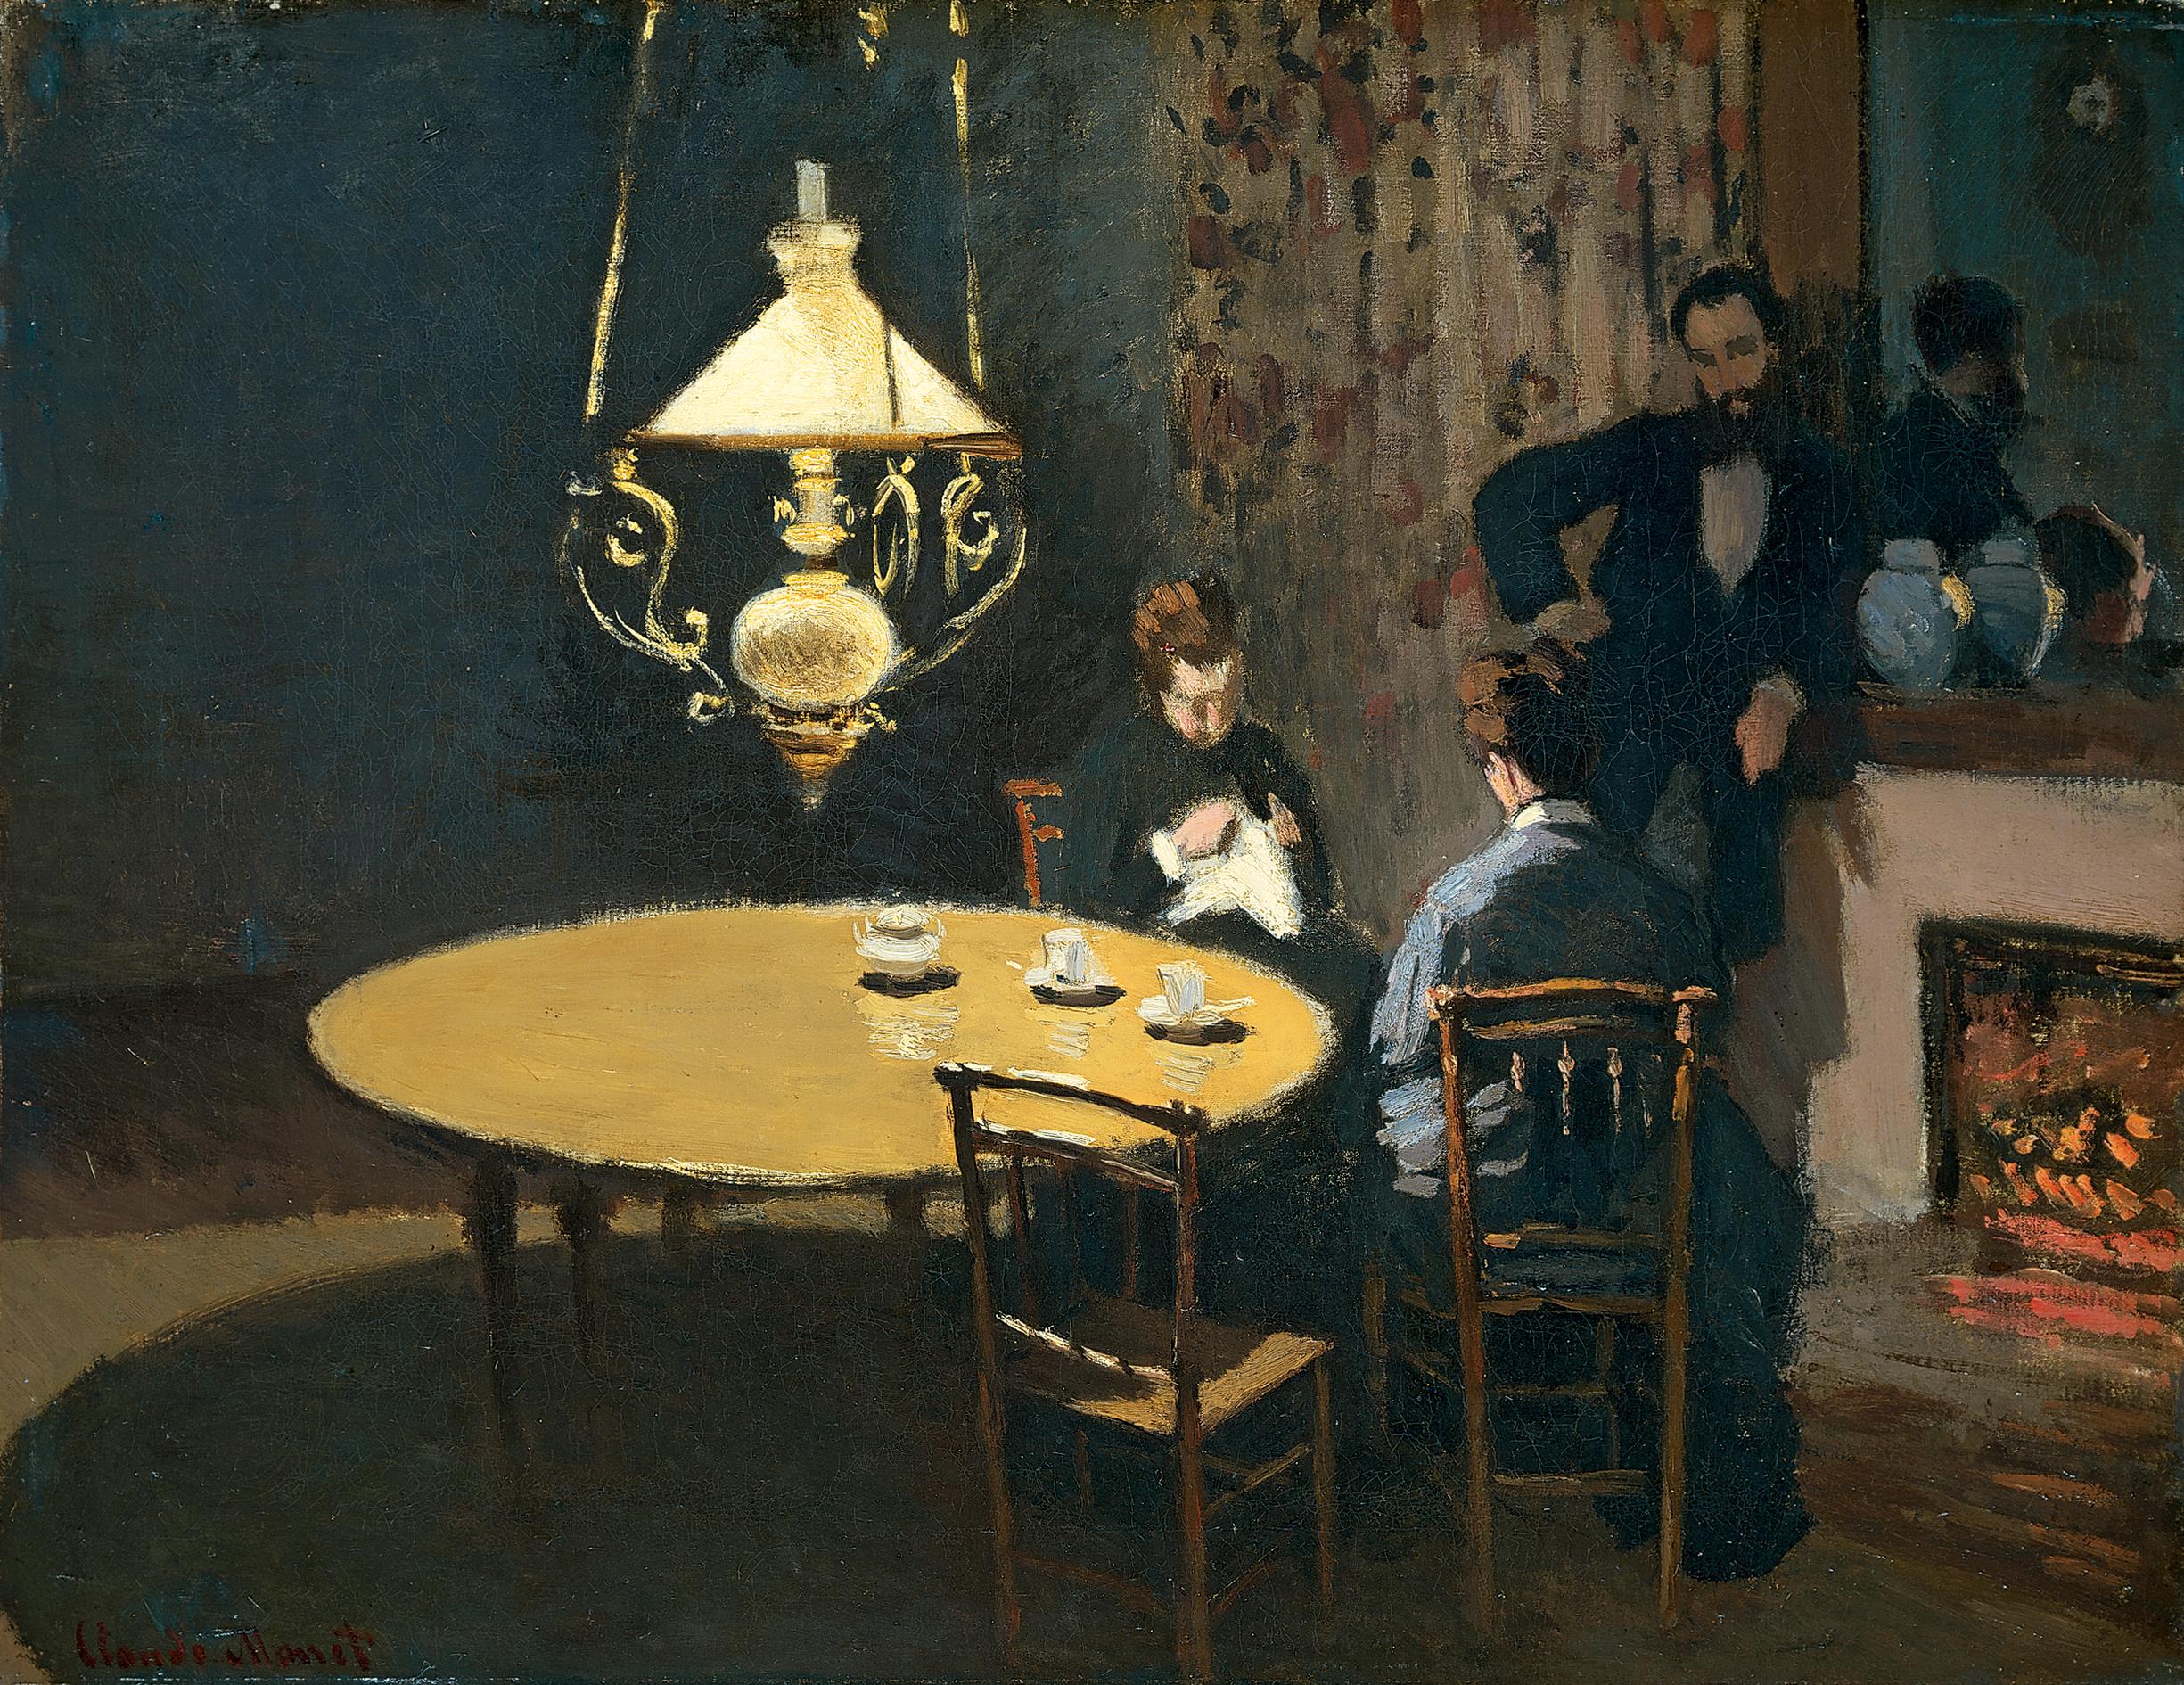 Произведения Клода Моне / Artworks by Claude Monet (153 работ) » Страница 5  » Картины, художники, фотографы на Nevsepic